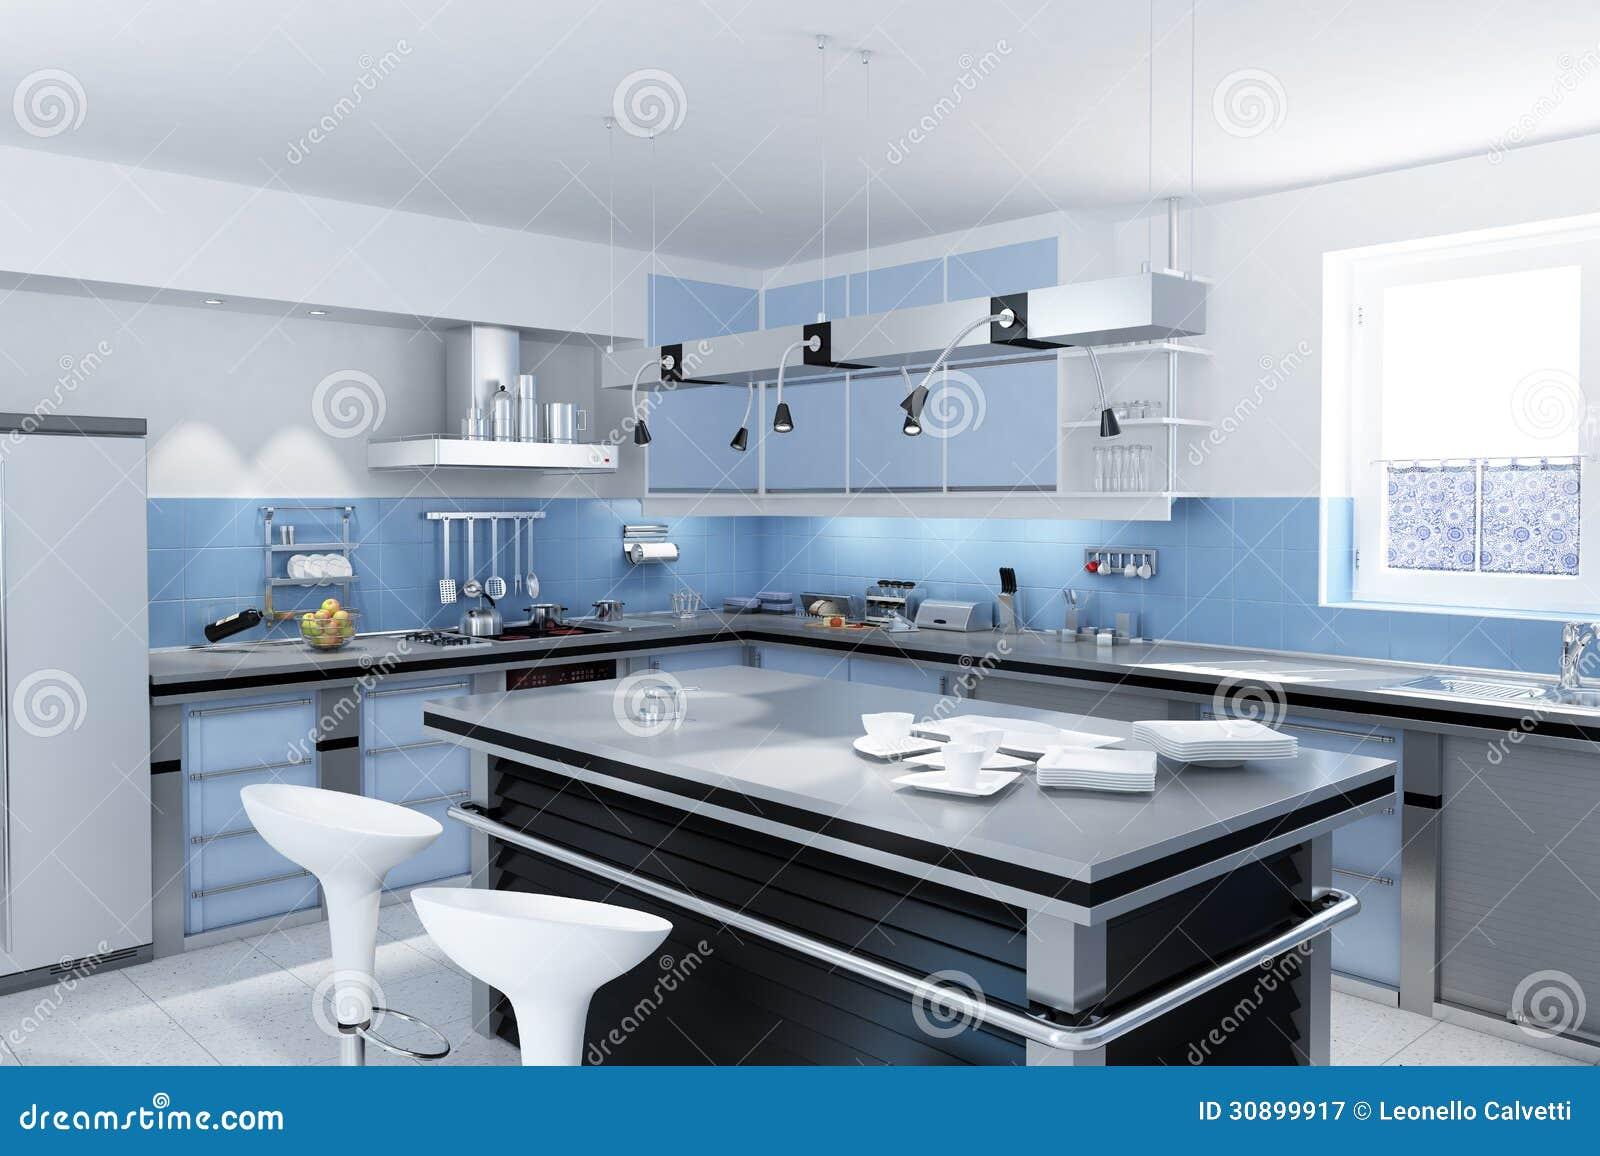 Moderne keuken met eiland met krukken en schotels en mokken.